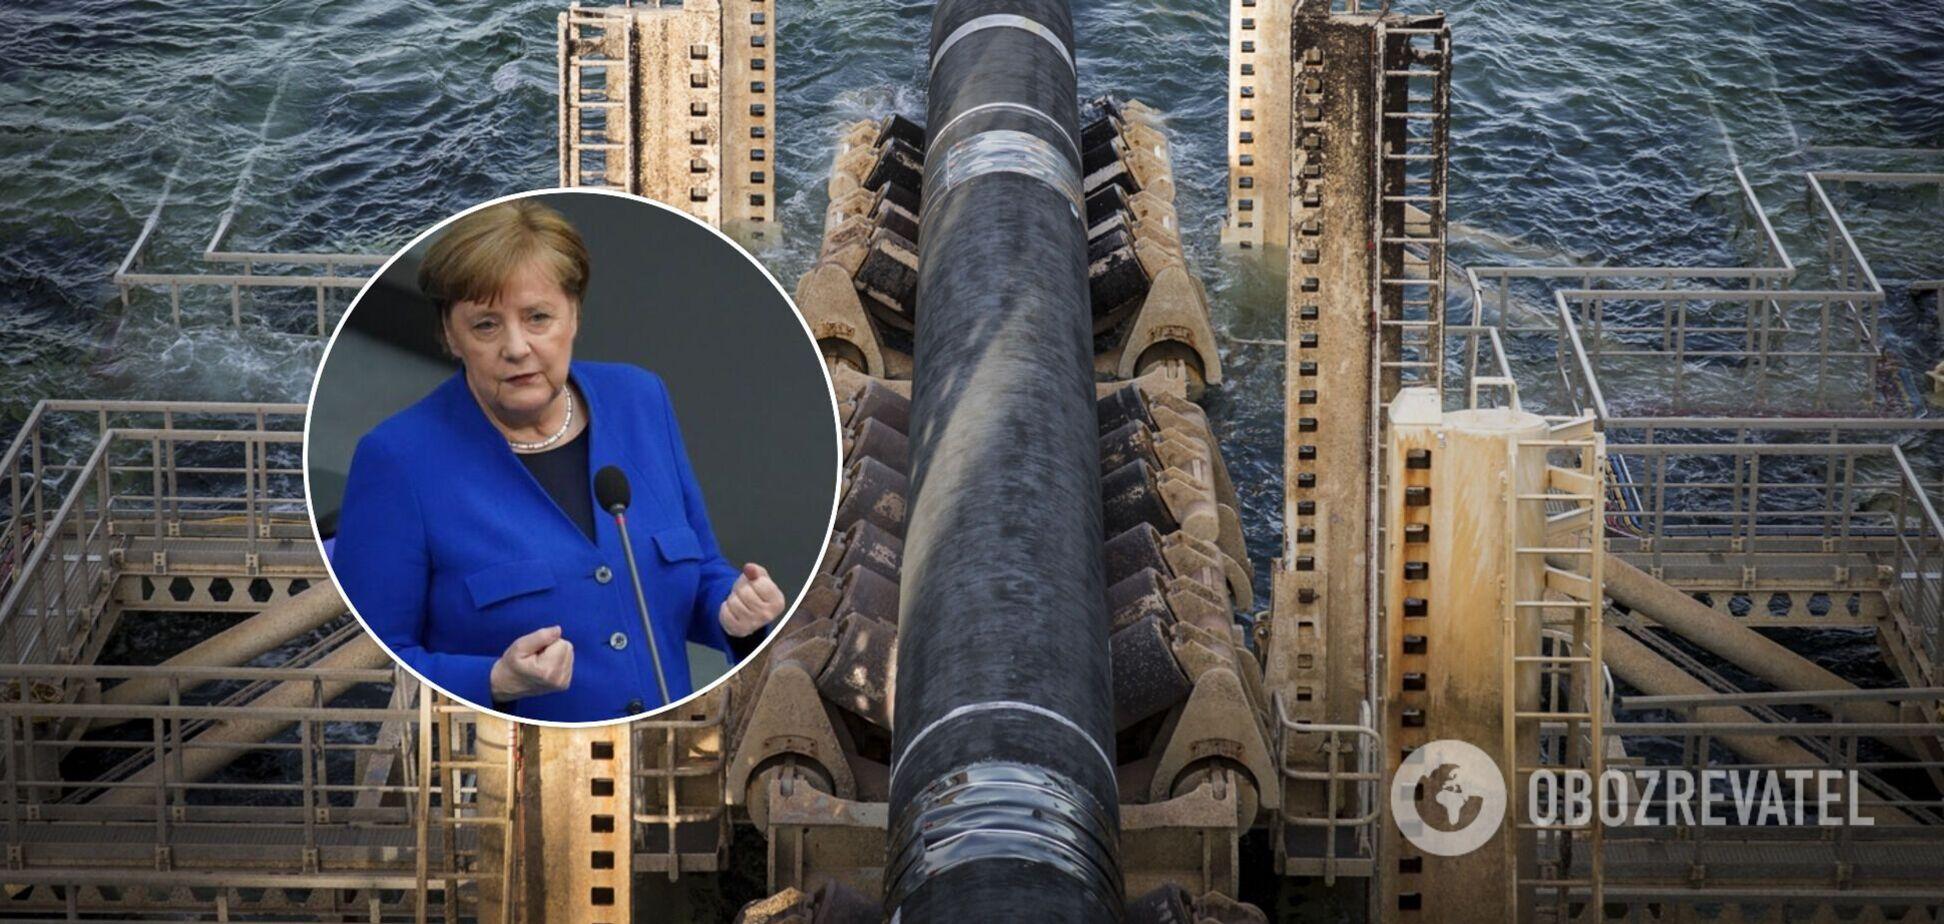 Германия пригрозила последствиями для РФ, если 'Северный поток-2' станет 'оружием' против Украины – Bloomberg